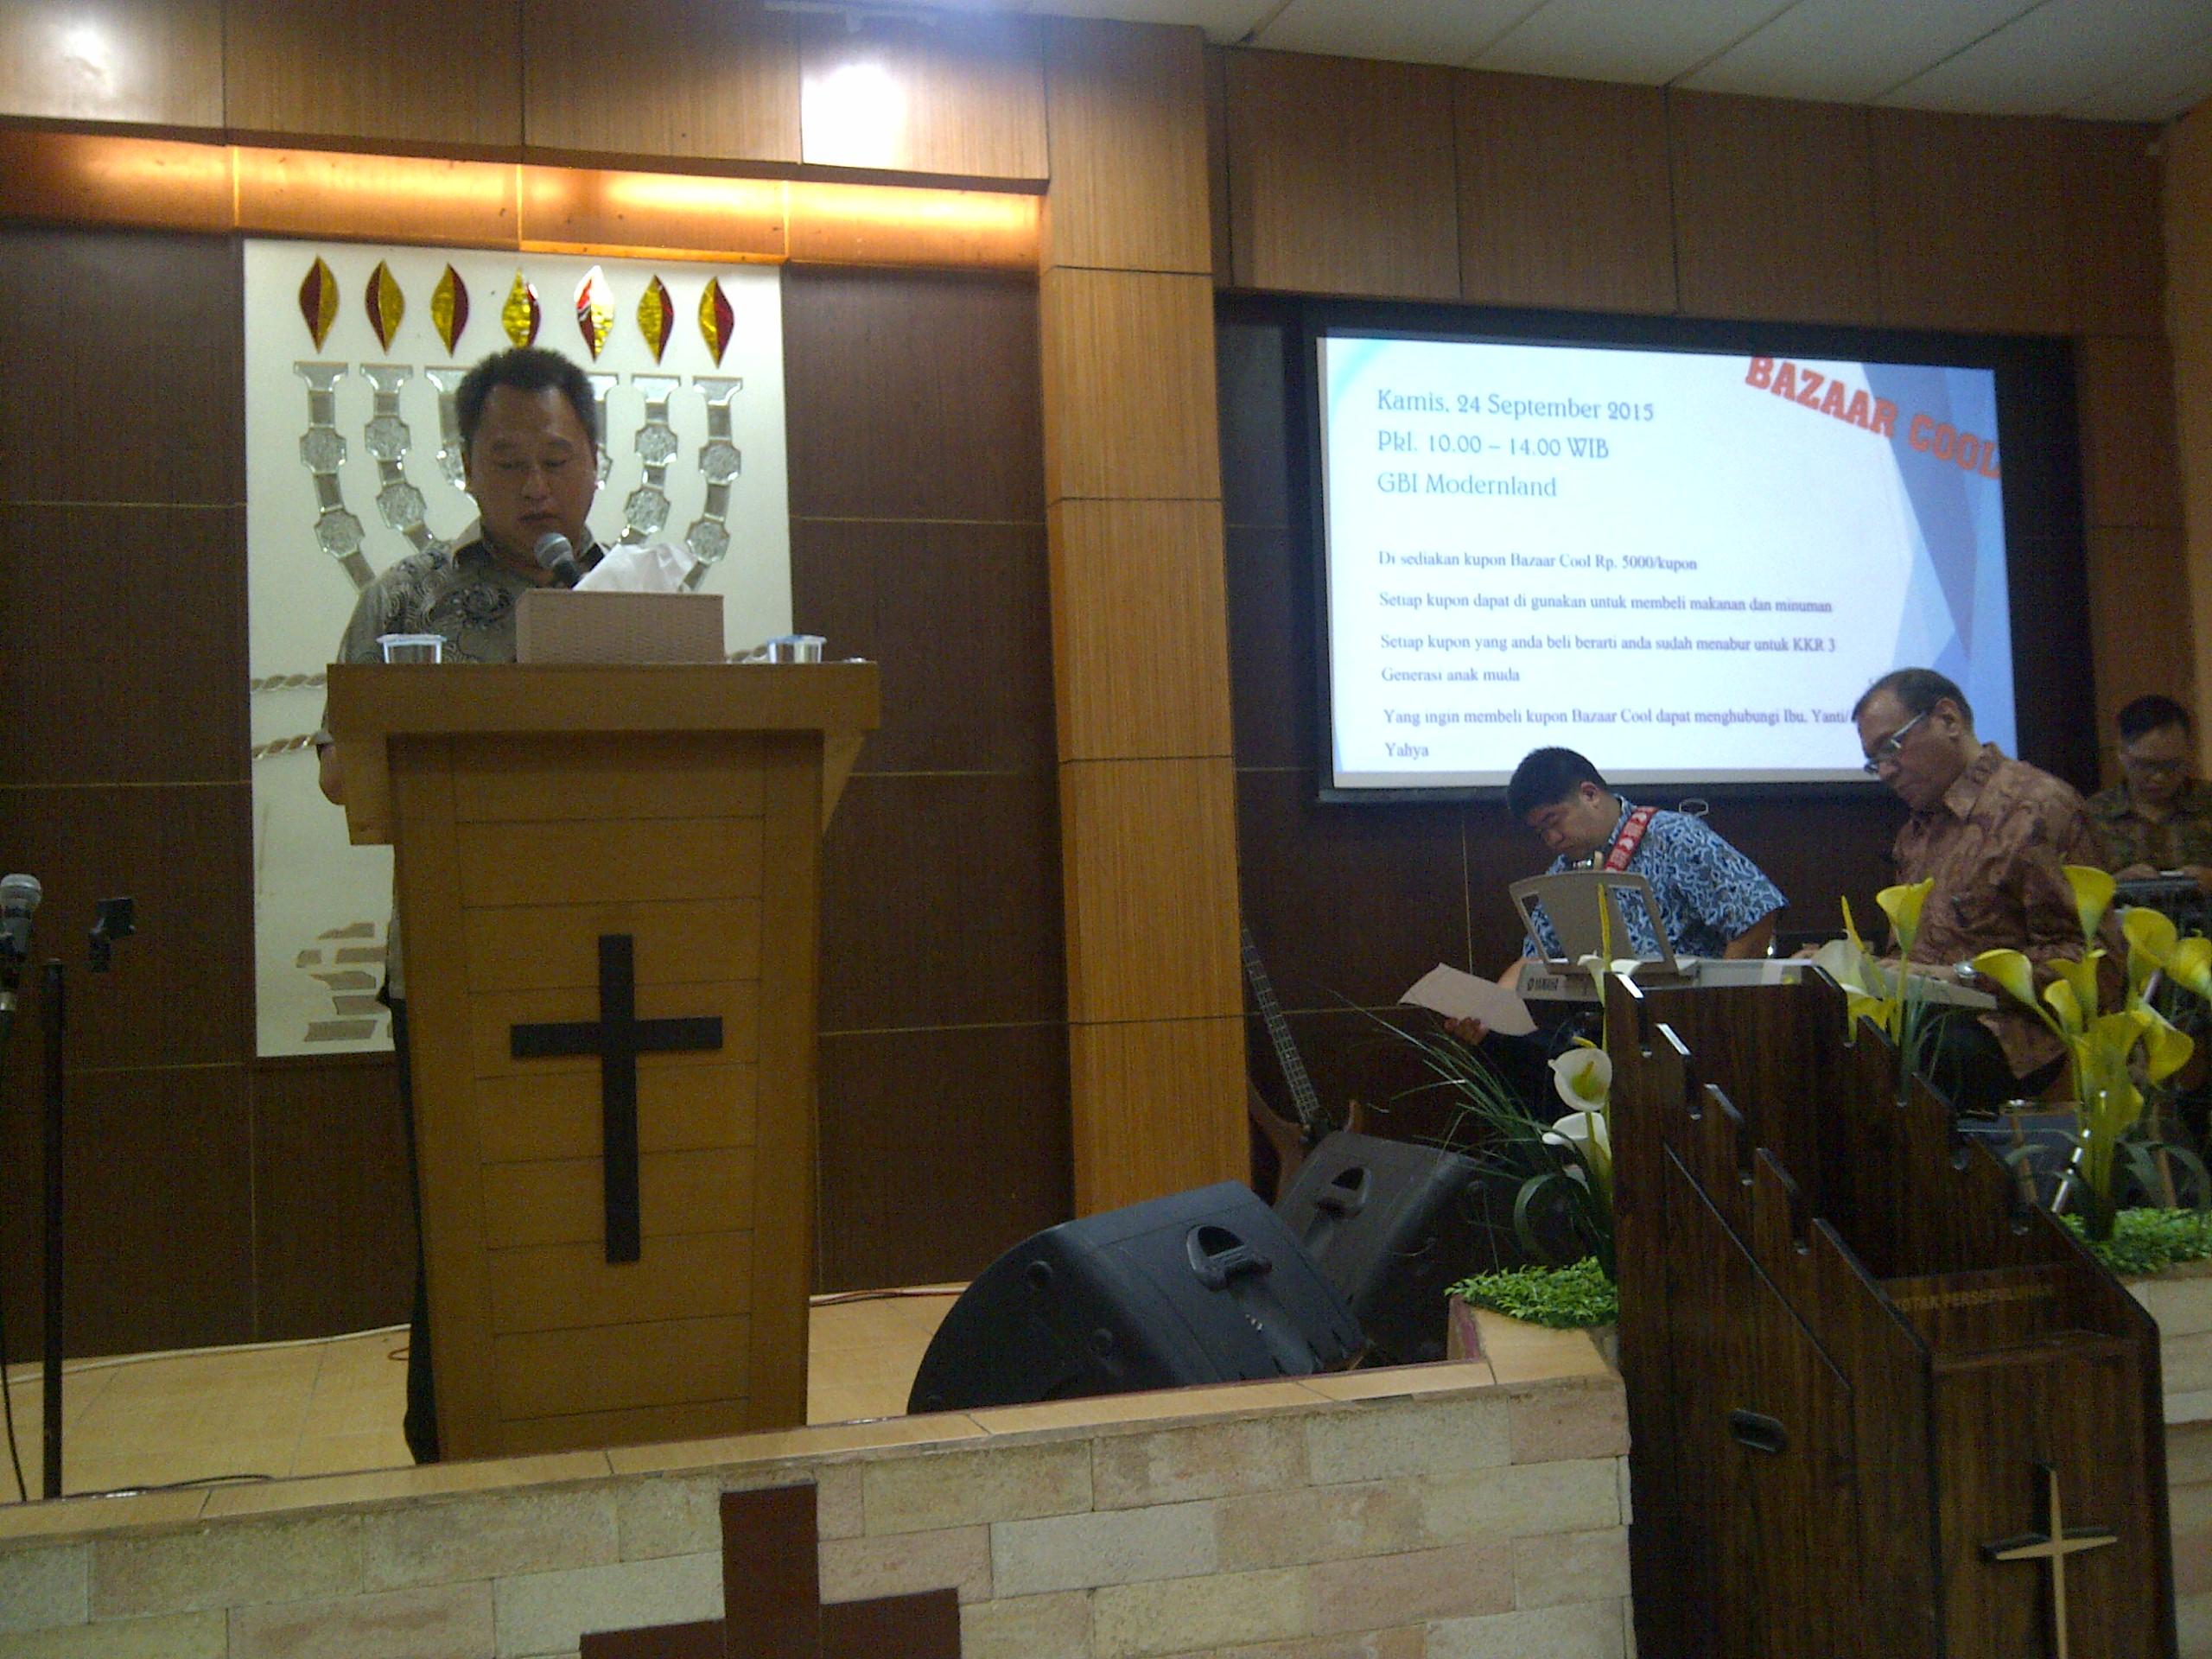 GBI Kp.Melayu .Cab.GBI Moderland - Tangerang